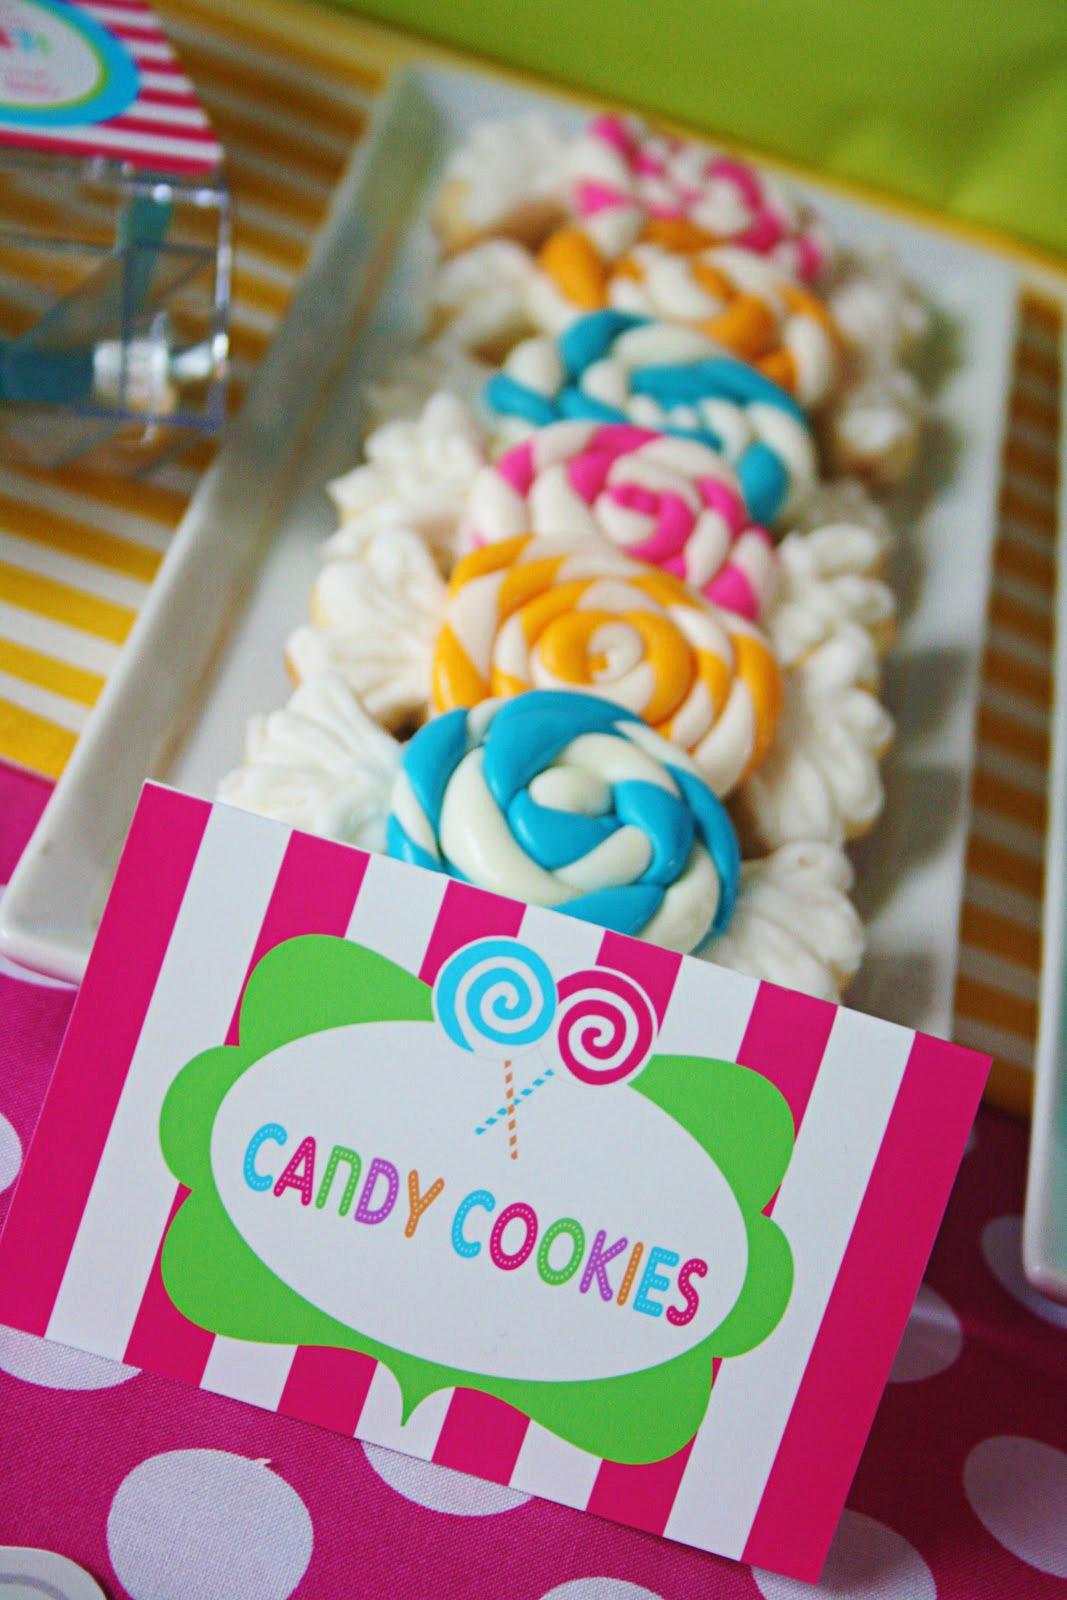 Amanda and candy on rlc airways 3